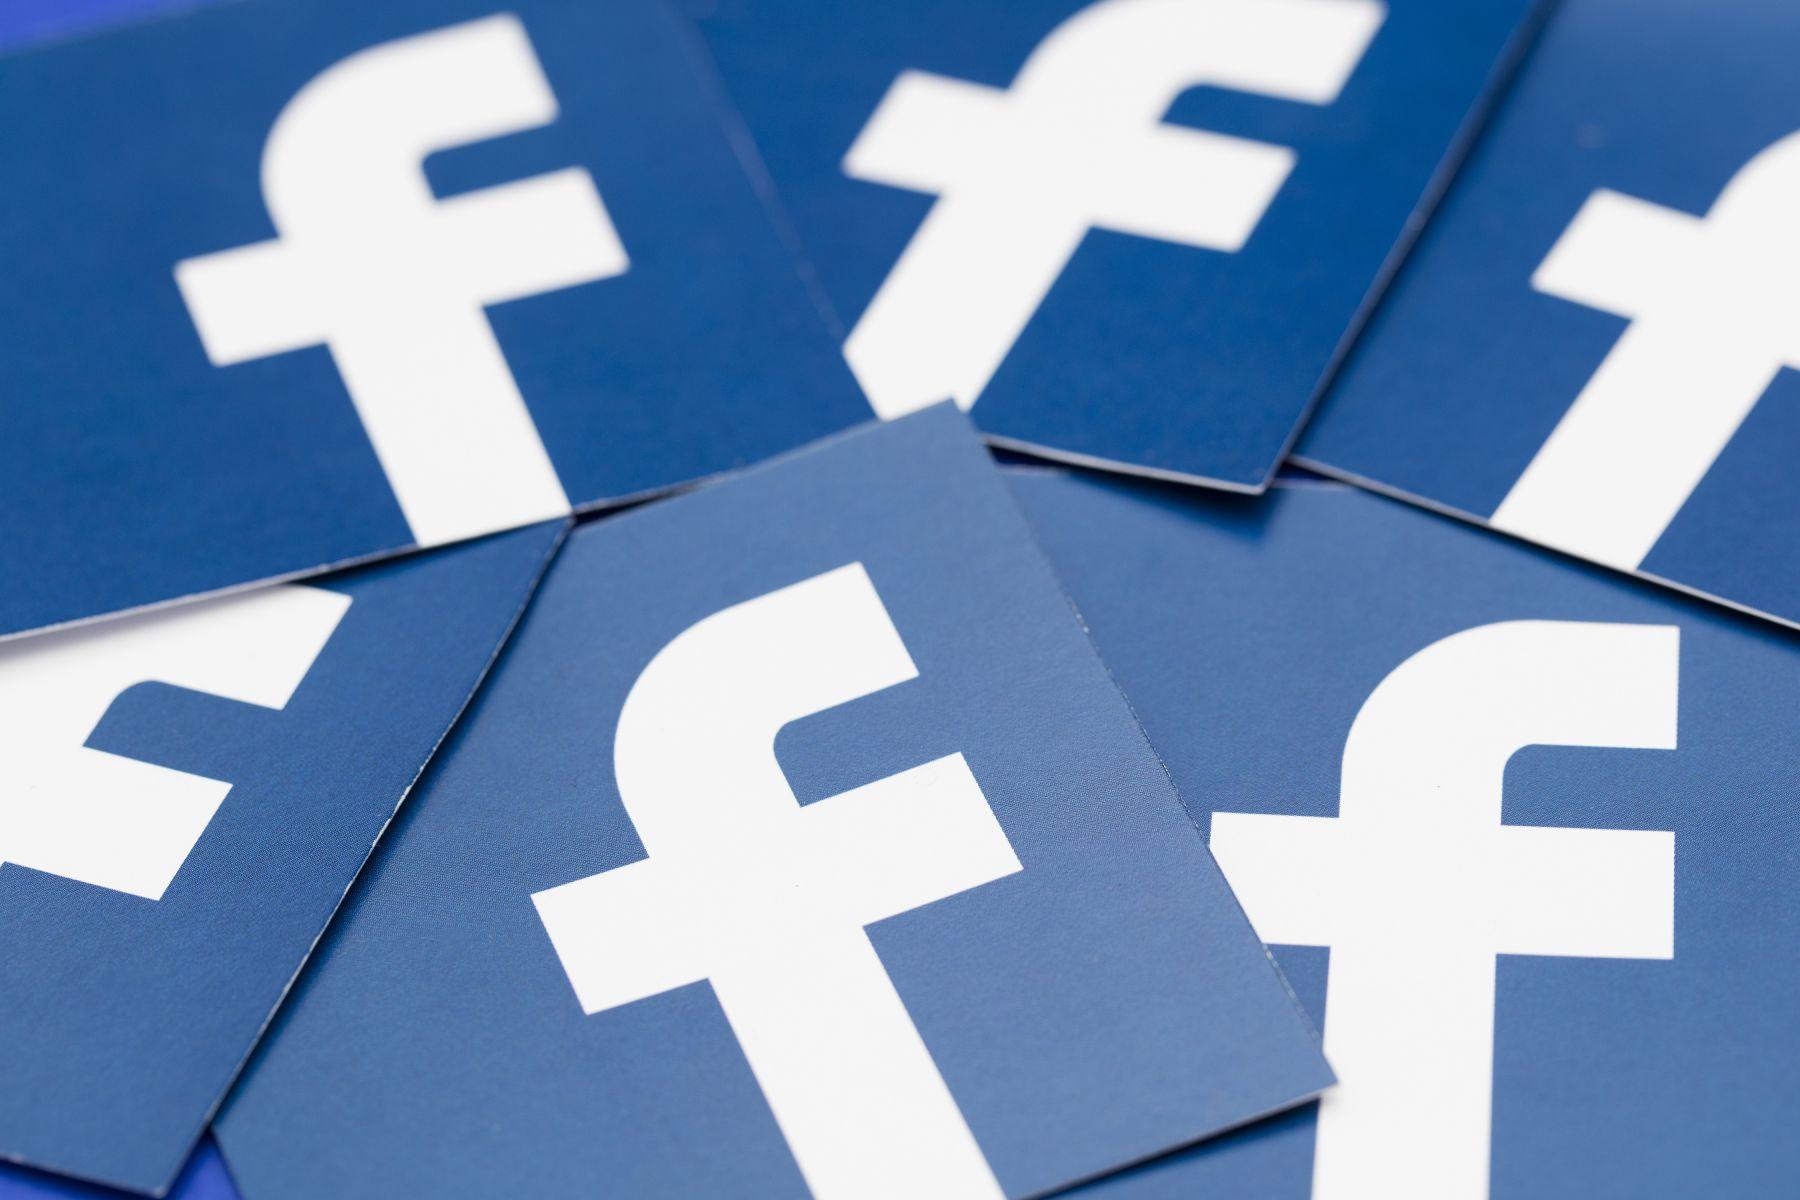 臉書貼假訊息恐遭罰鍰   行政院下周公布細節